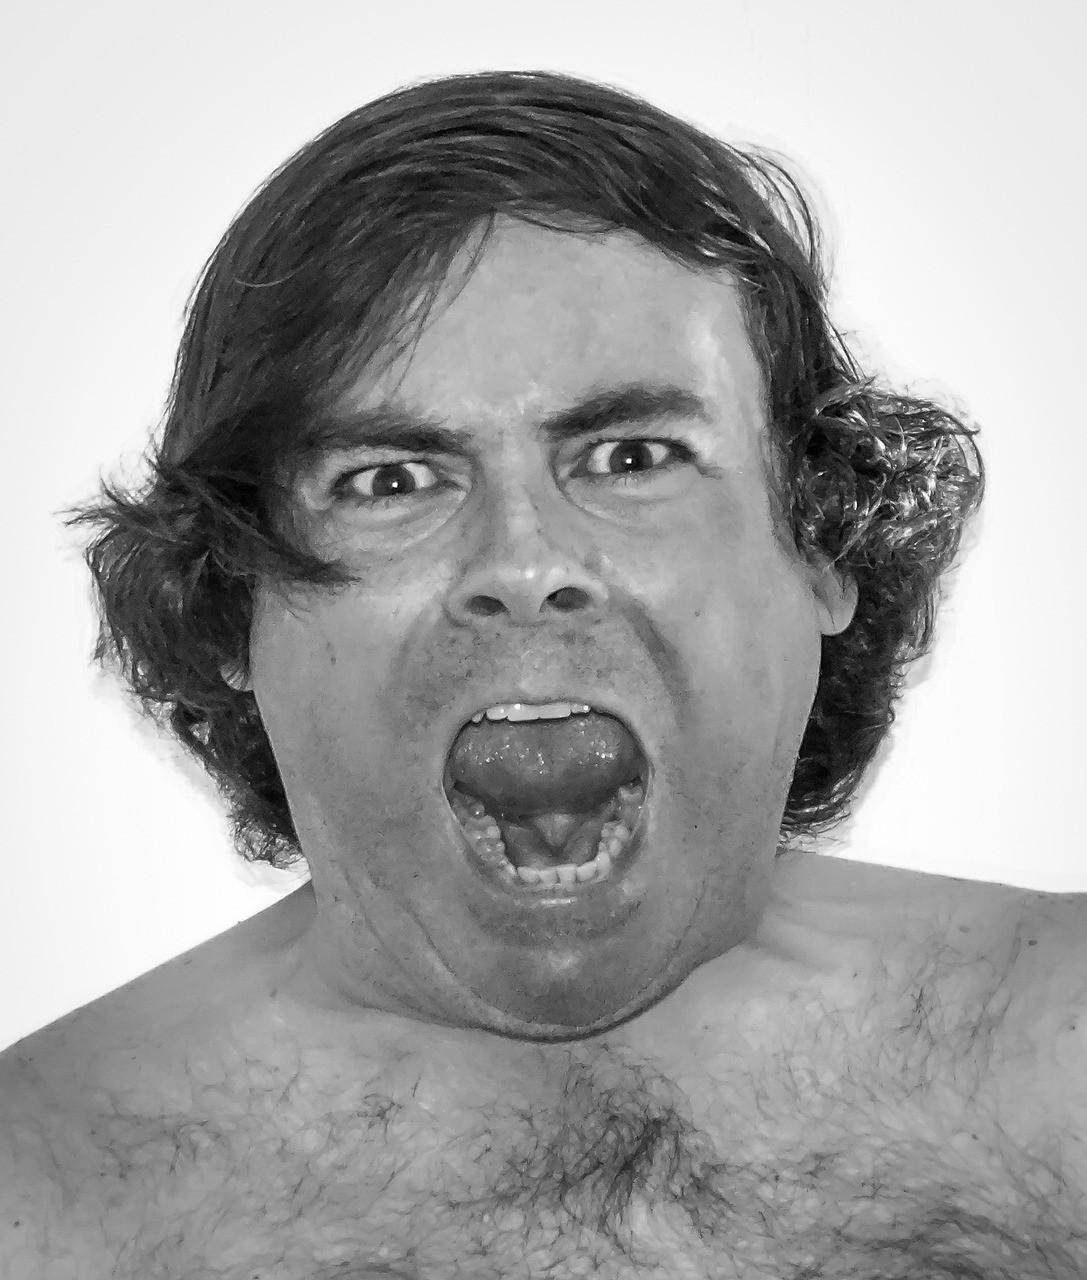 Fay3 صور لـ رجل خوف ذعر وحش يسترخي وجه